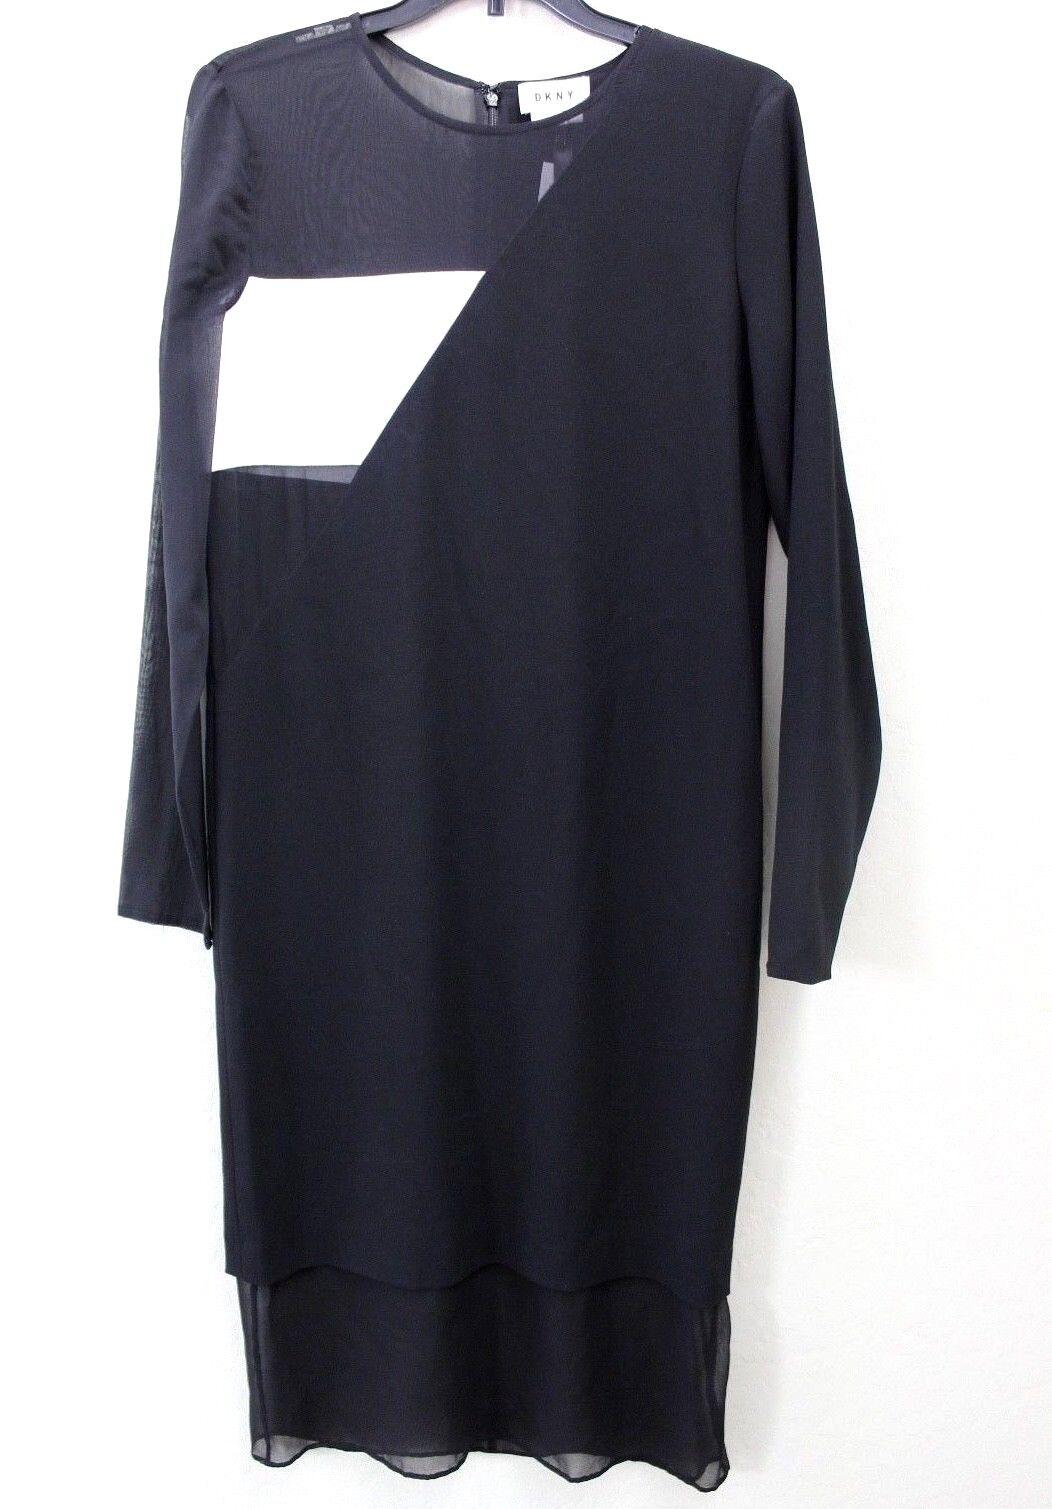 Dkny Negro blancoo Manga Larga de Color bloque malla  transparente súperposición de Seda Vestido Midi Talla P  online al mejor precio